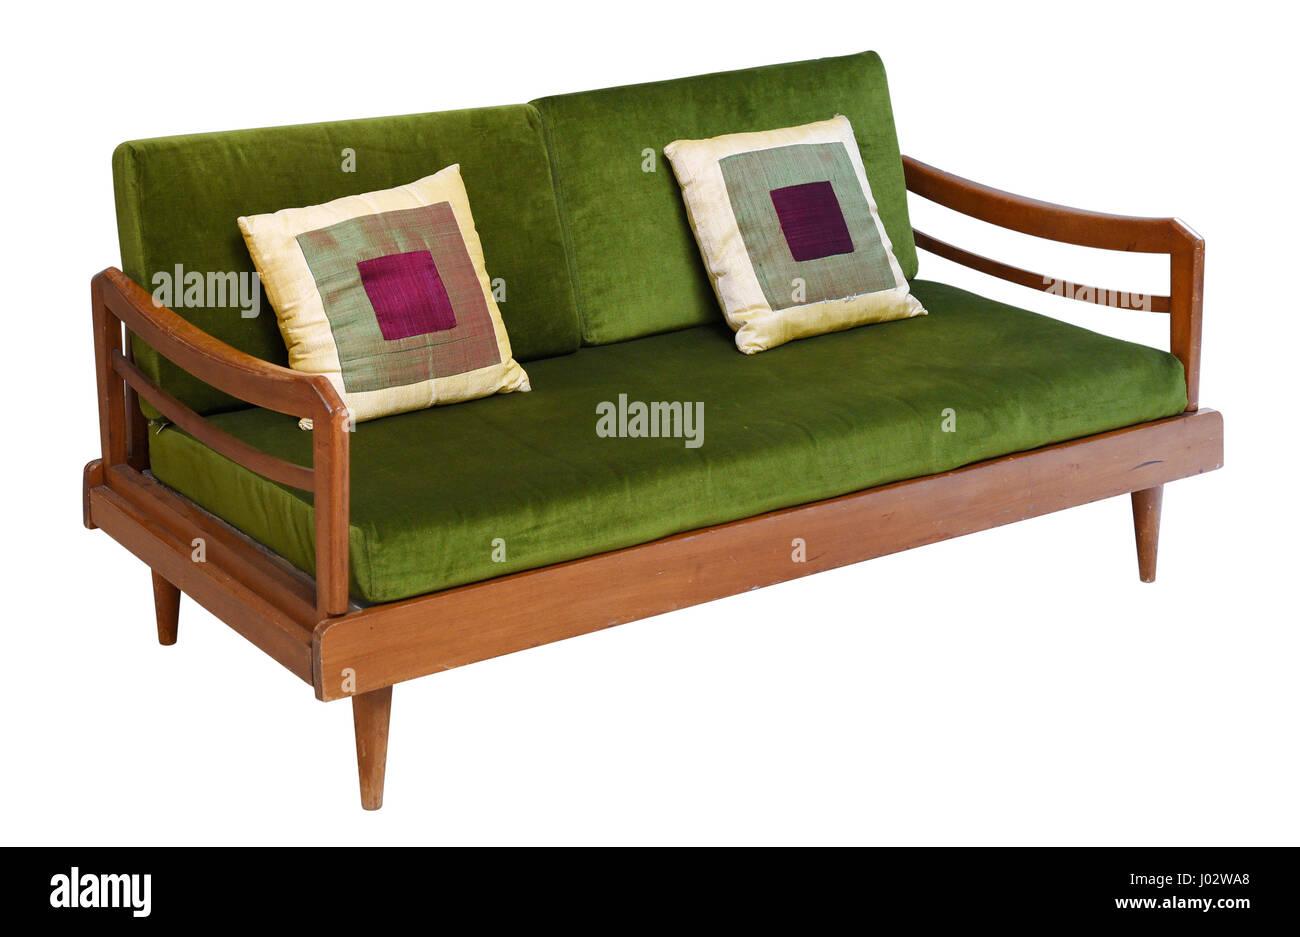 Grünem Samt Sofa 50er Jahre Vintage-Design auf kurzen Beinen und Holzsockel isoliert auf weißem Hintergrund Stockfoto